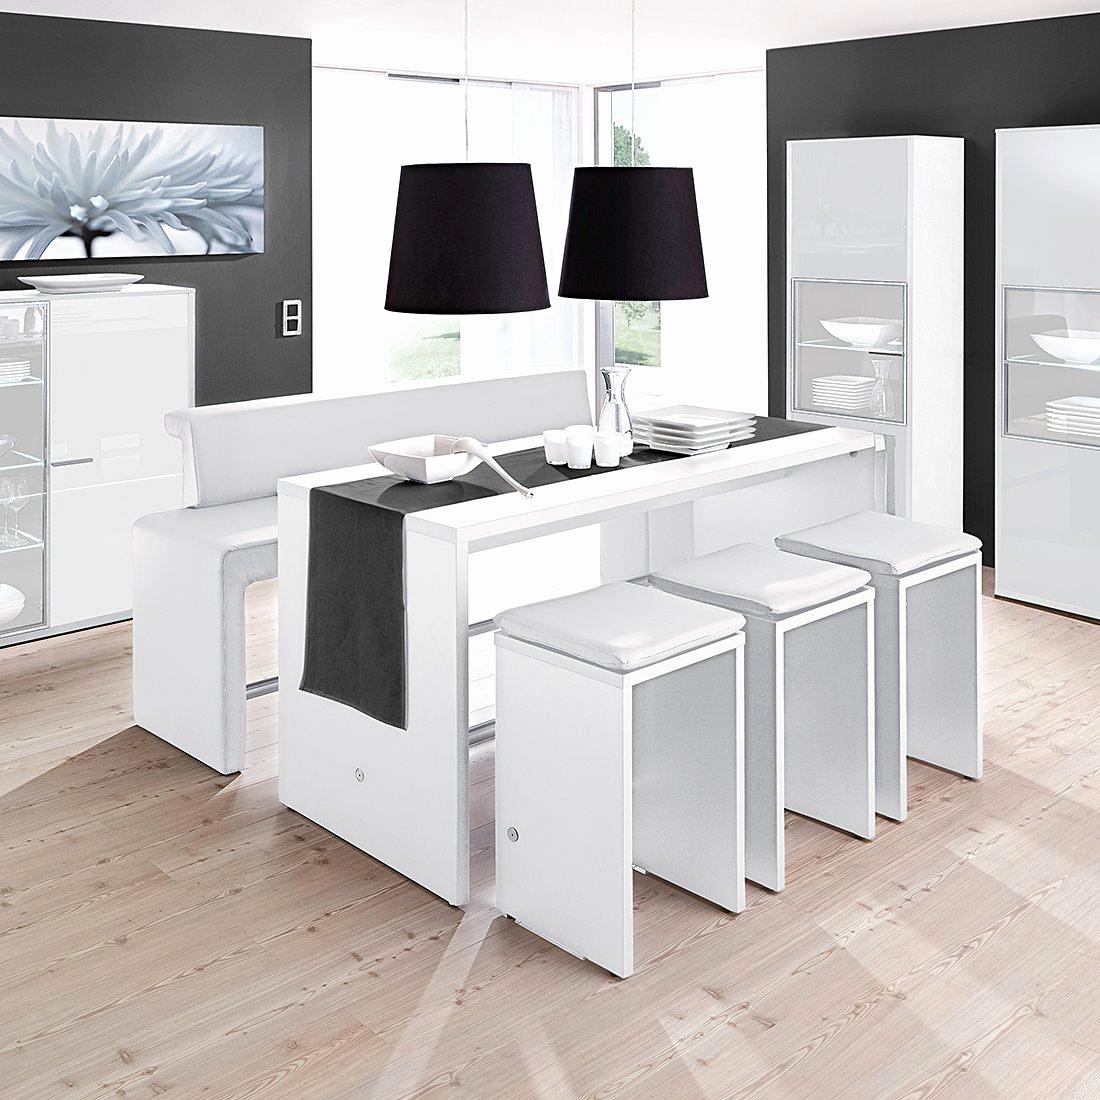 table alinea extensible frais chevet nouveau pour table alinea extensible luxe de cuisine elegant chaise 0d of